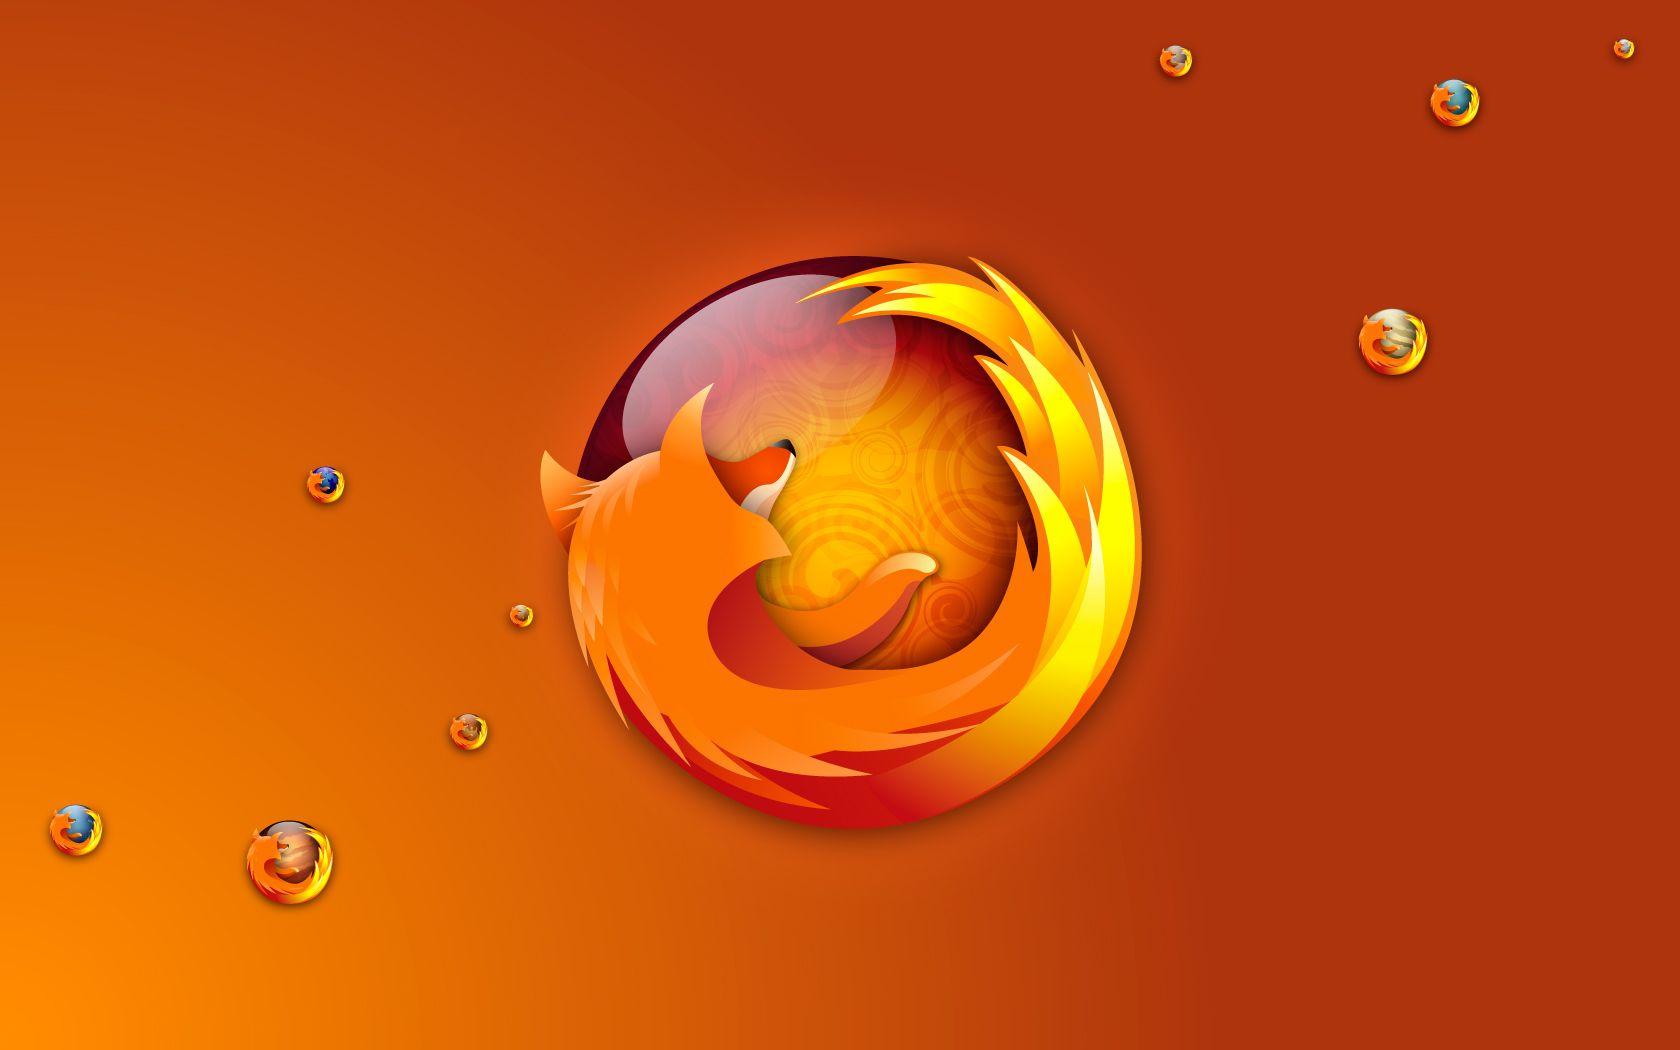 mozilla firefox desktop wallpaper